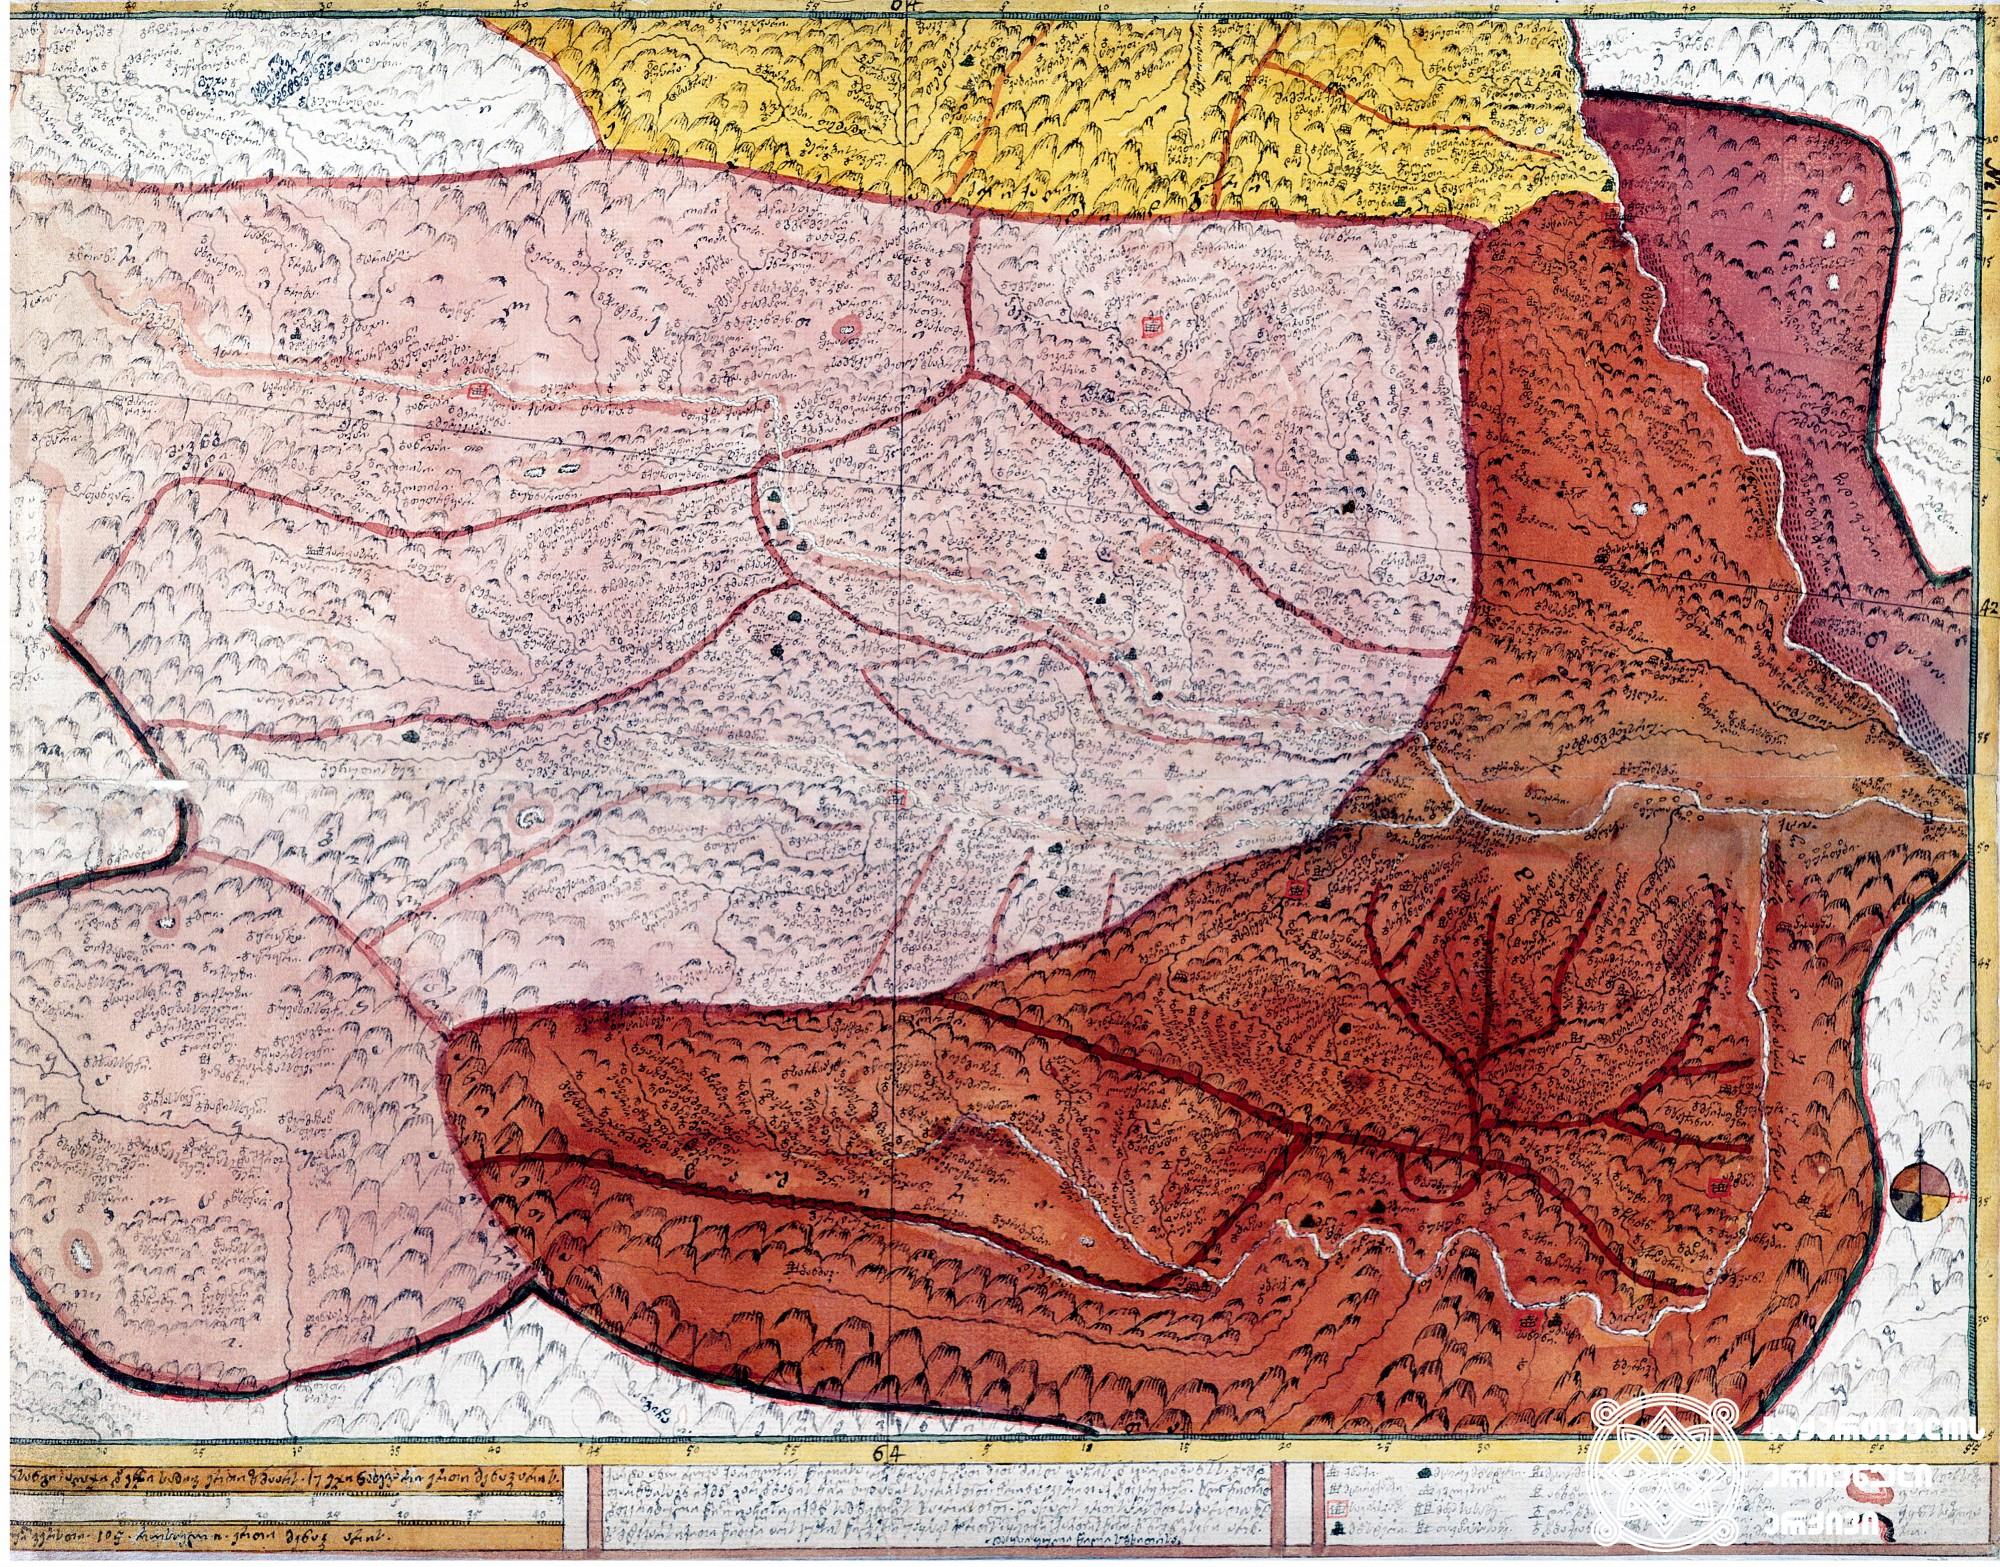 """ვახუშტის ატლასი <br> გაჩიანისა და გარდაბნის რუკა <br> Atlas of Vakhushti <br> The map of Gachiani and Gardabani  <br> """"ქარტა ანუ რუკა ქართლოსის წილისა, რომელი წილად ხვდათ ძეთა მისთა გაჩიოს და გარდაბანოსს და შემდგომად ფარნაოზისაგან იქმნა გარდაბანს წილი ხუნანის საერისთოთ ნარინჯფერით აქ დაფერებული, ხოლო წითლით დაფერებული წილი გაჩიოსი იქმნა სამშვილდის საერისთოთ, და აწ არს ერთ სადროშოთ საბარათიანოდ, ხოლო მტკვარს იქითი წითელი არს კუხოსის წილი და ყაიყული წილი სომხითისა, რომელი უპყრავს ქართლოს. ყვითელი ქართლის წილი, ხოლო ნიშნი ესენი არიან""""."""